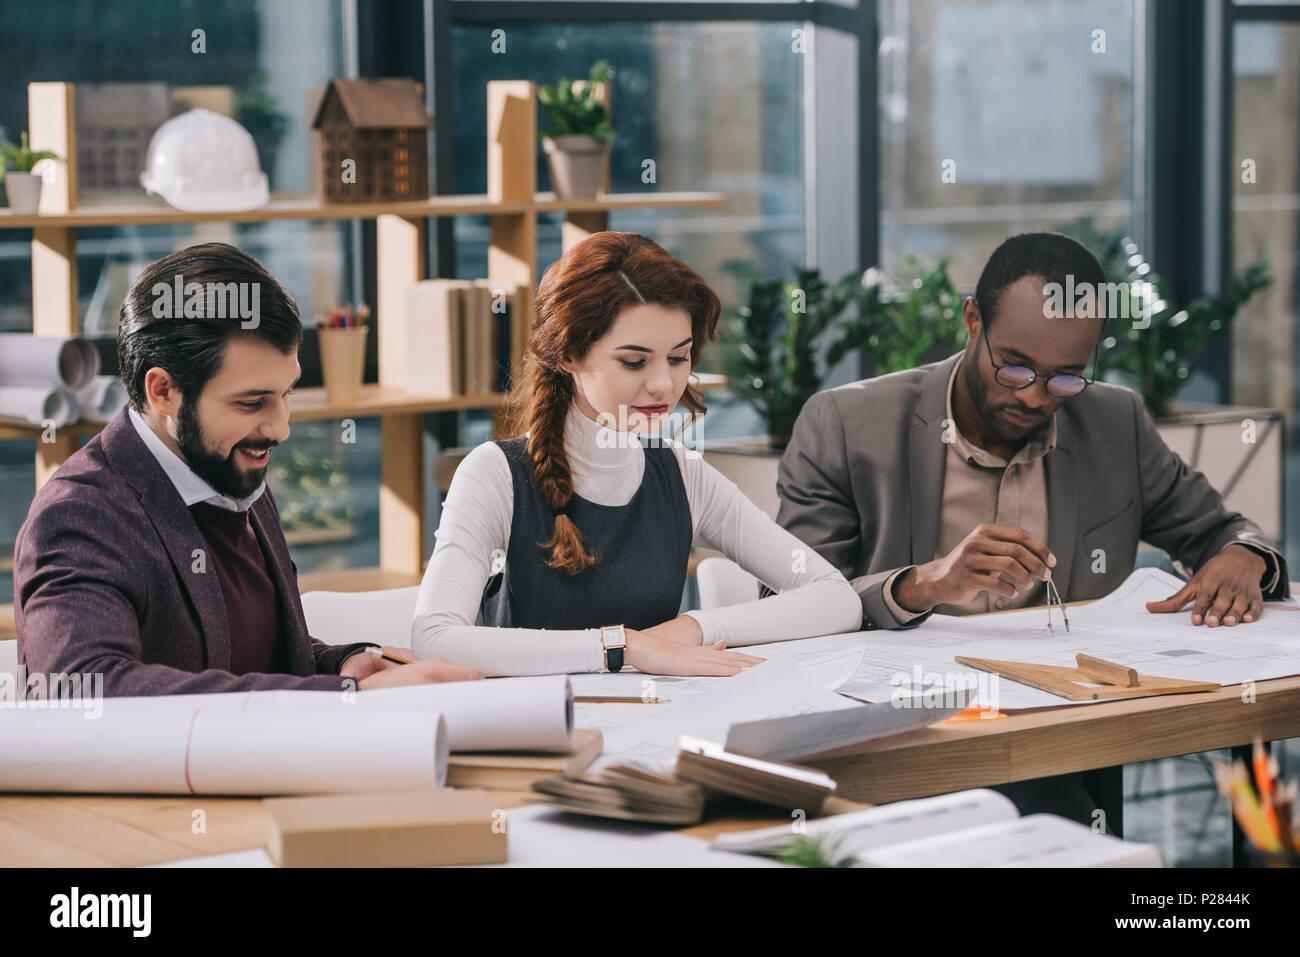 Multiethnische Team von Architekten zusammen bei modernen Büro arbeiten Stockbild